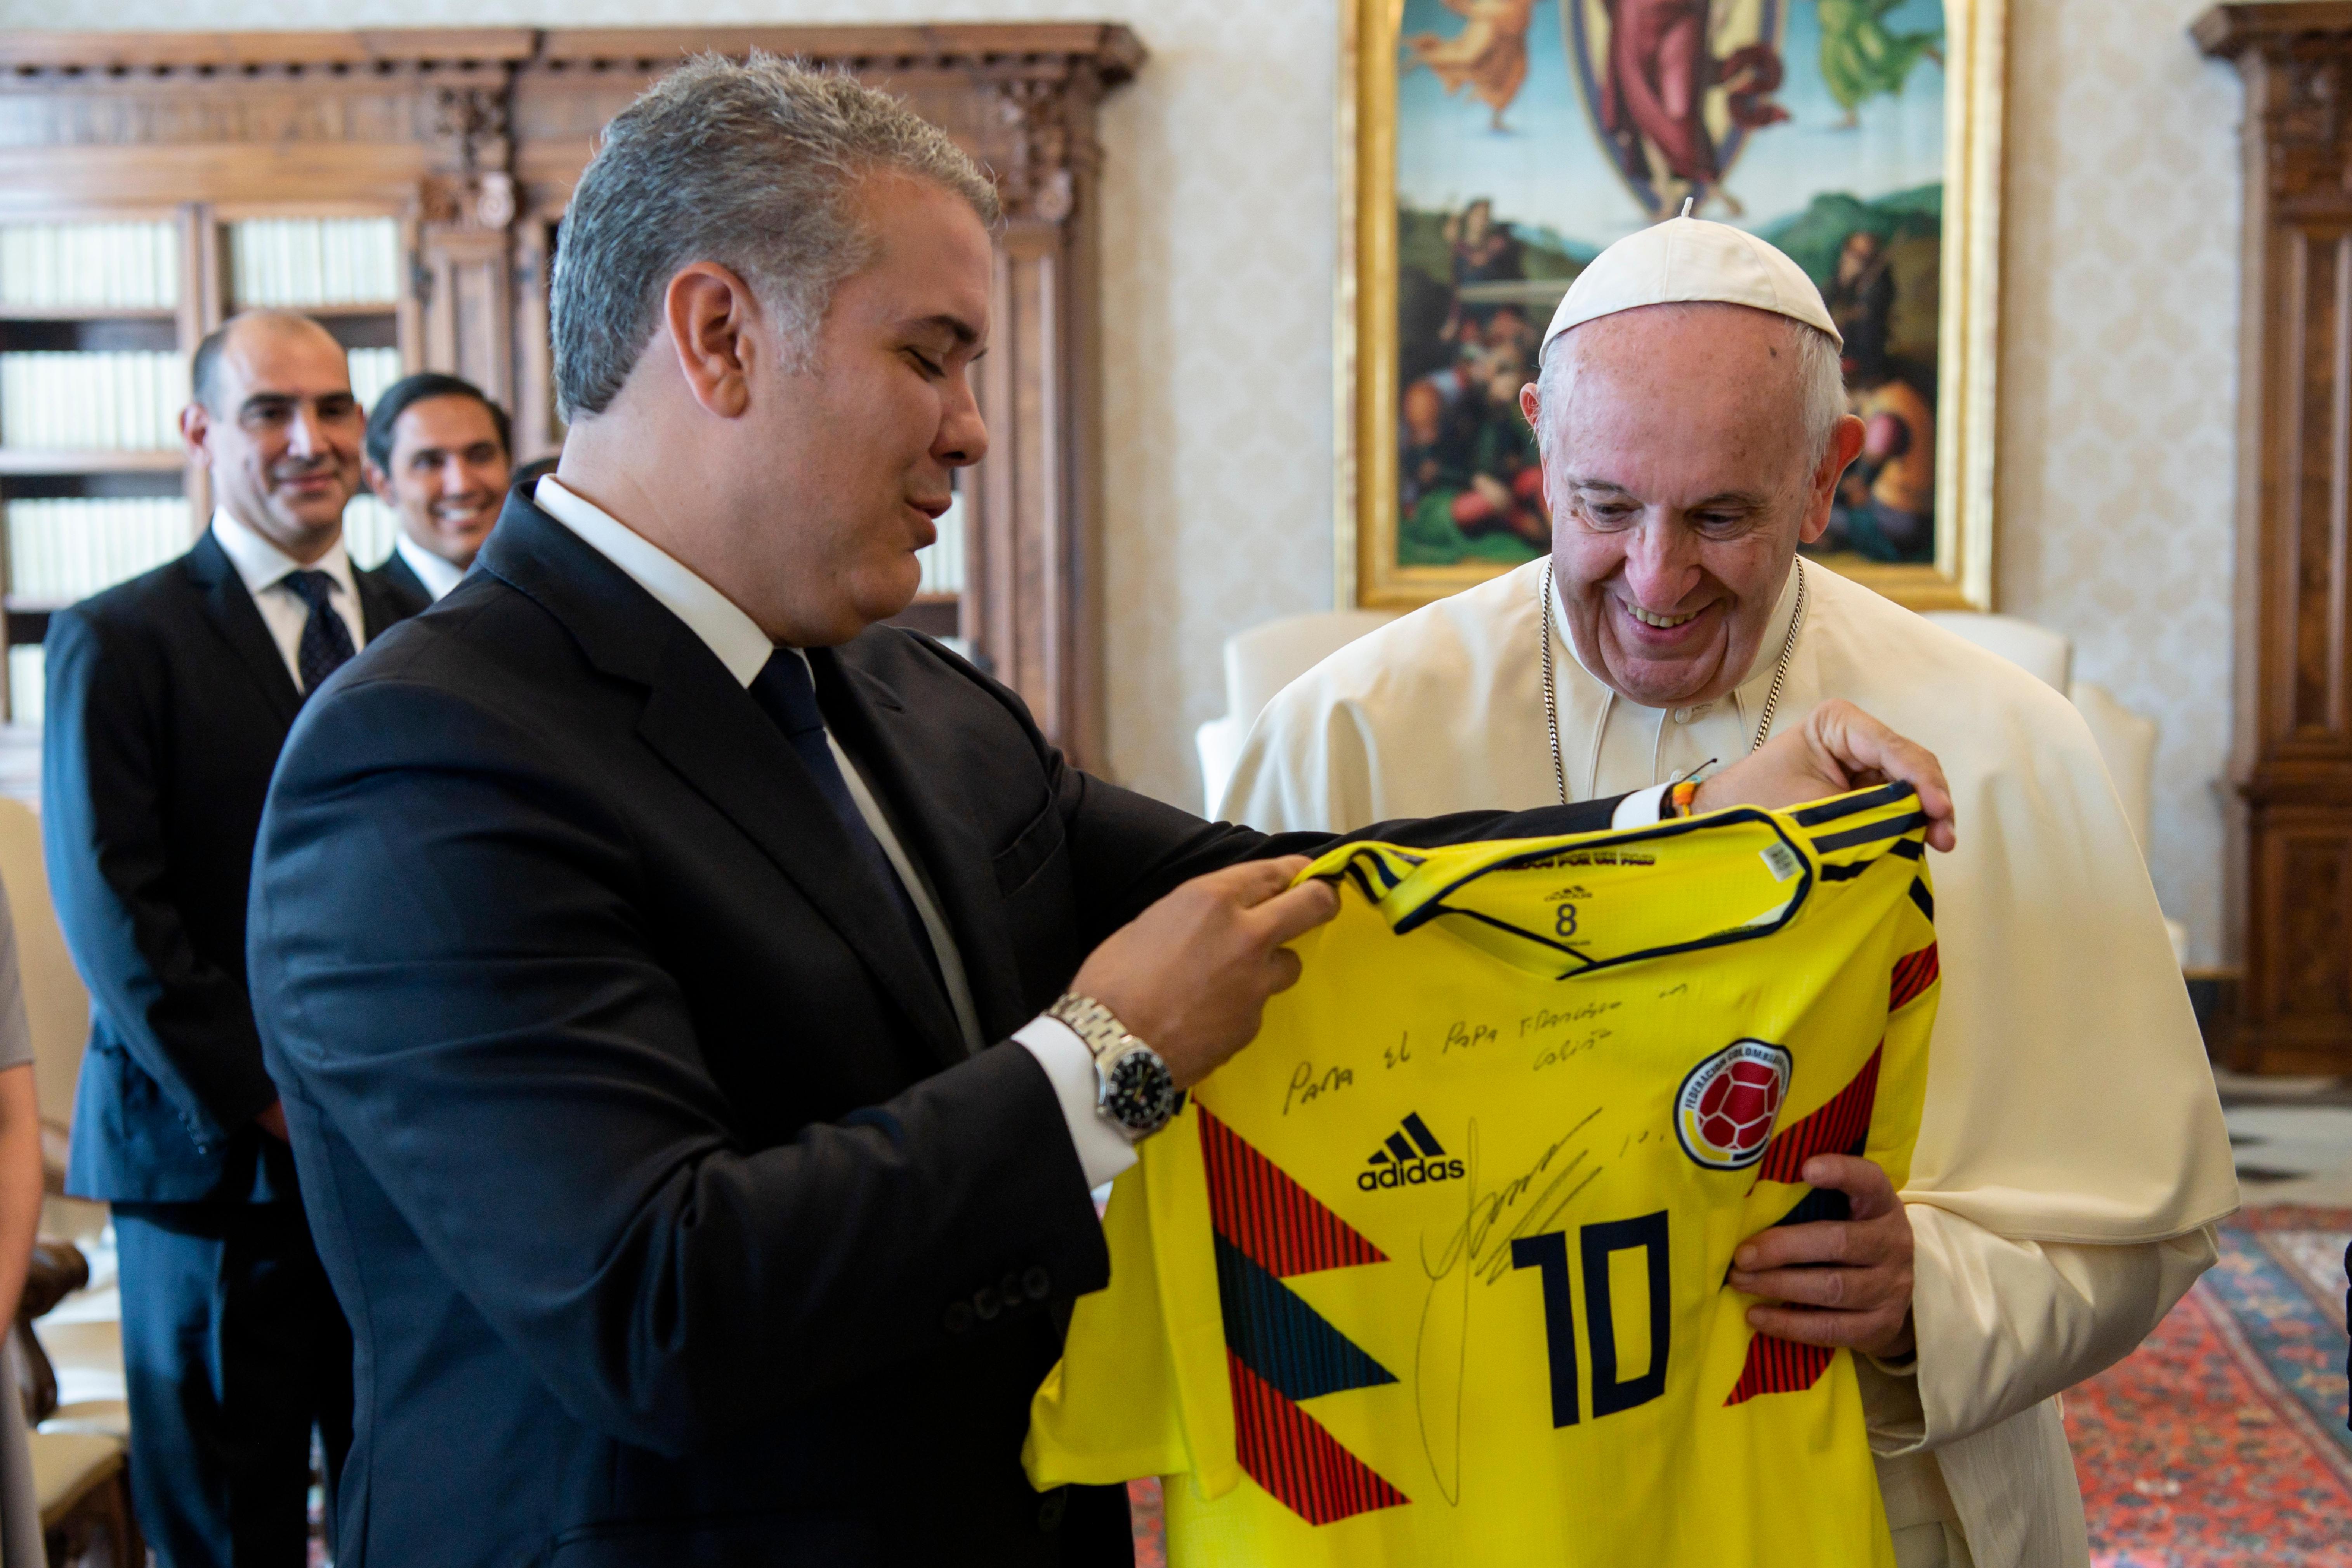 El Presidente de Colombia ha regalado al Papa una camiseta de la selección de fútbol firmada © Vatican Media